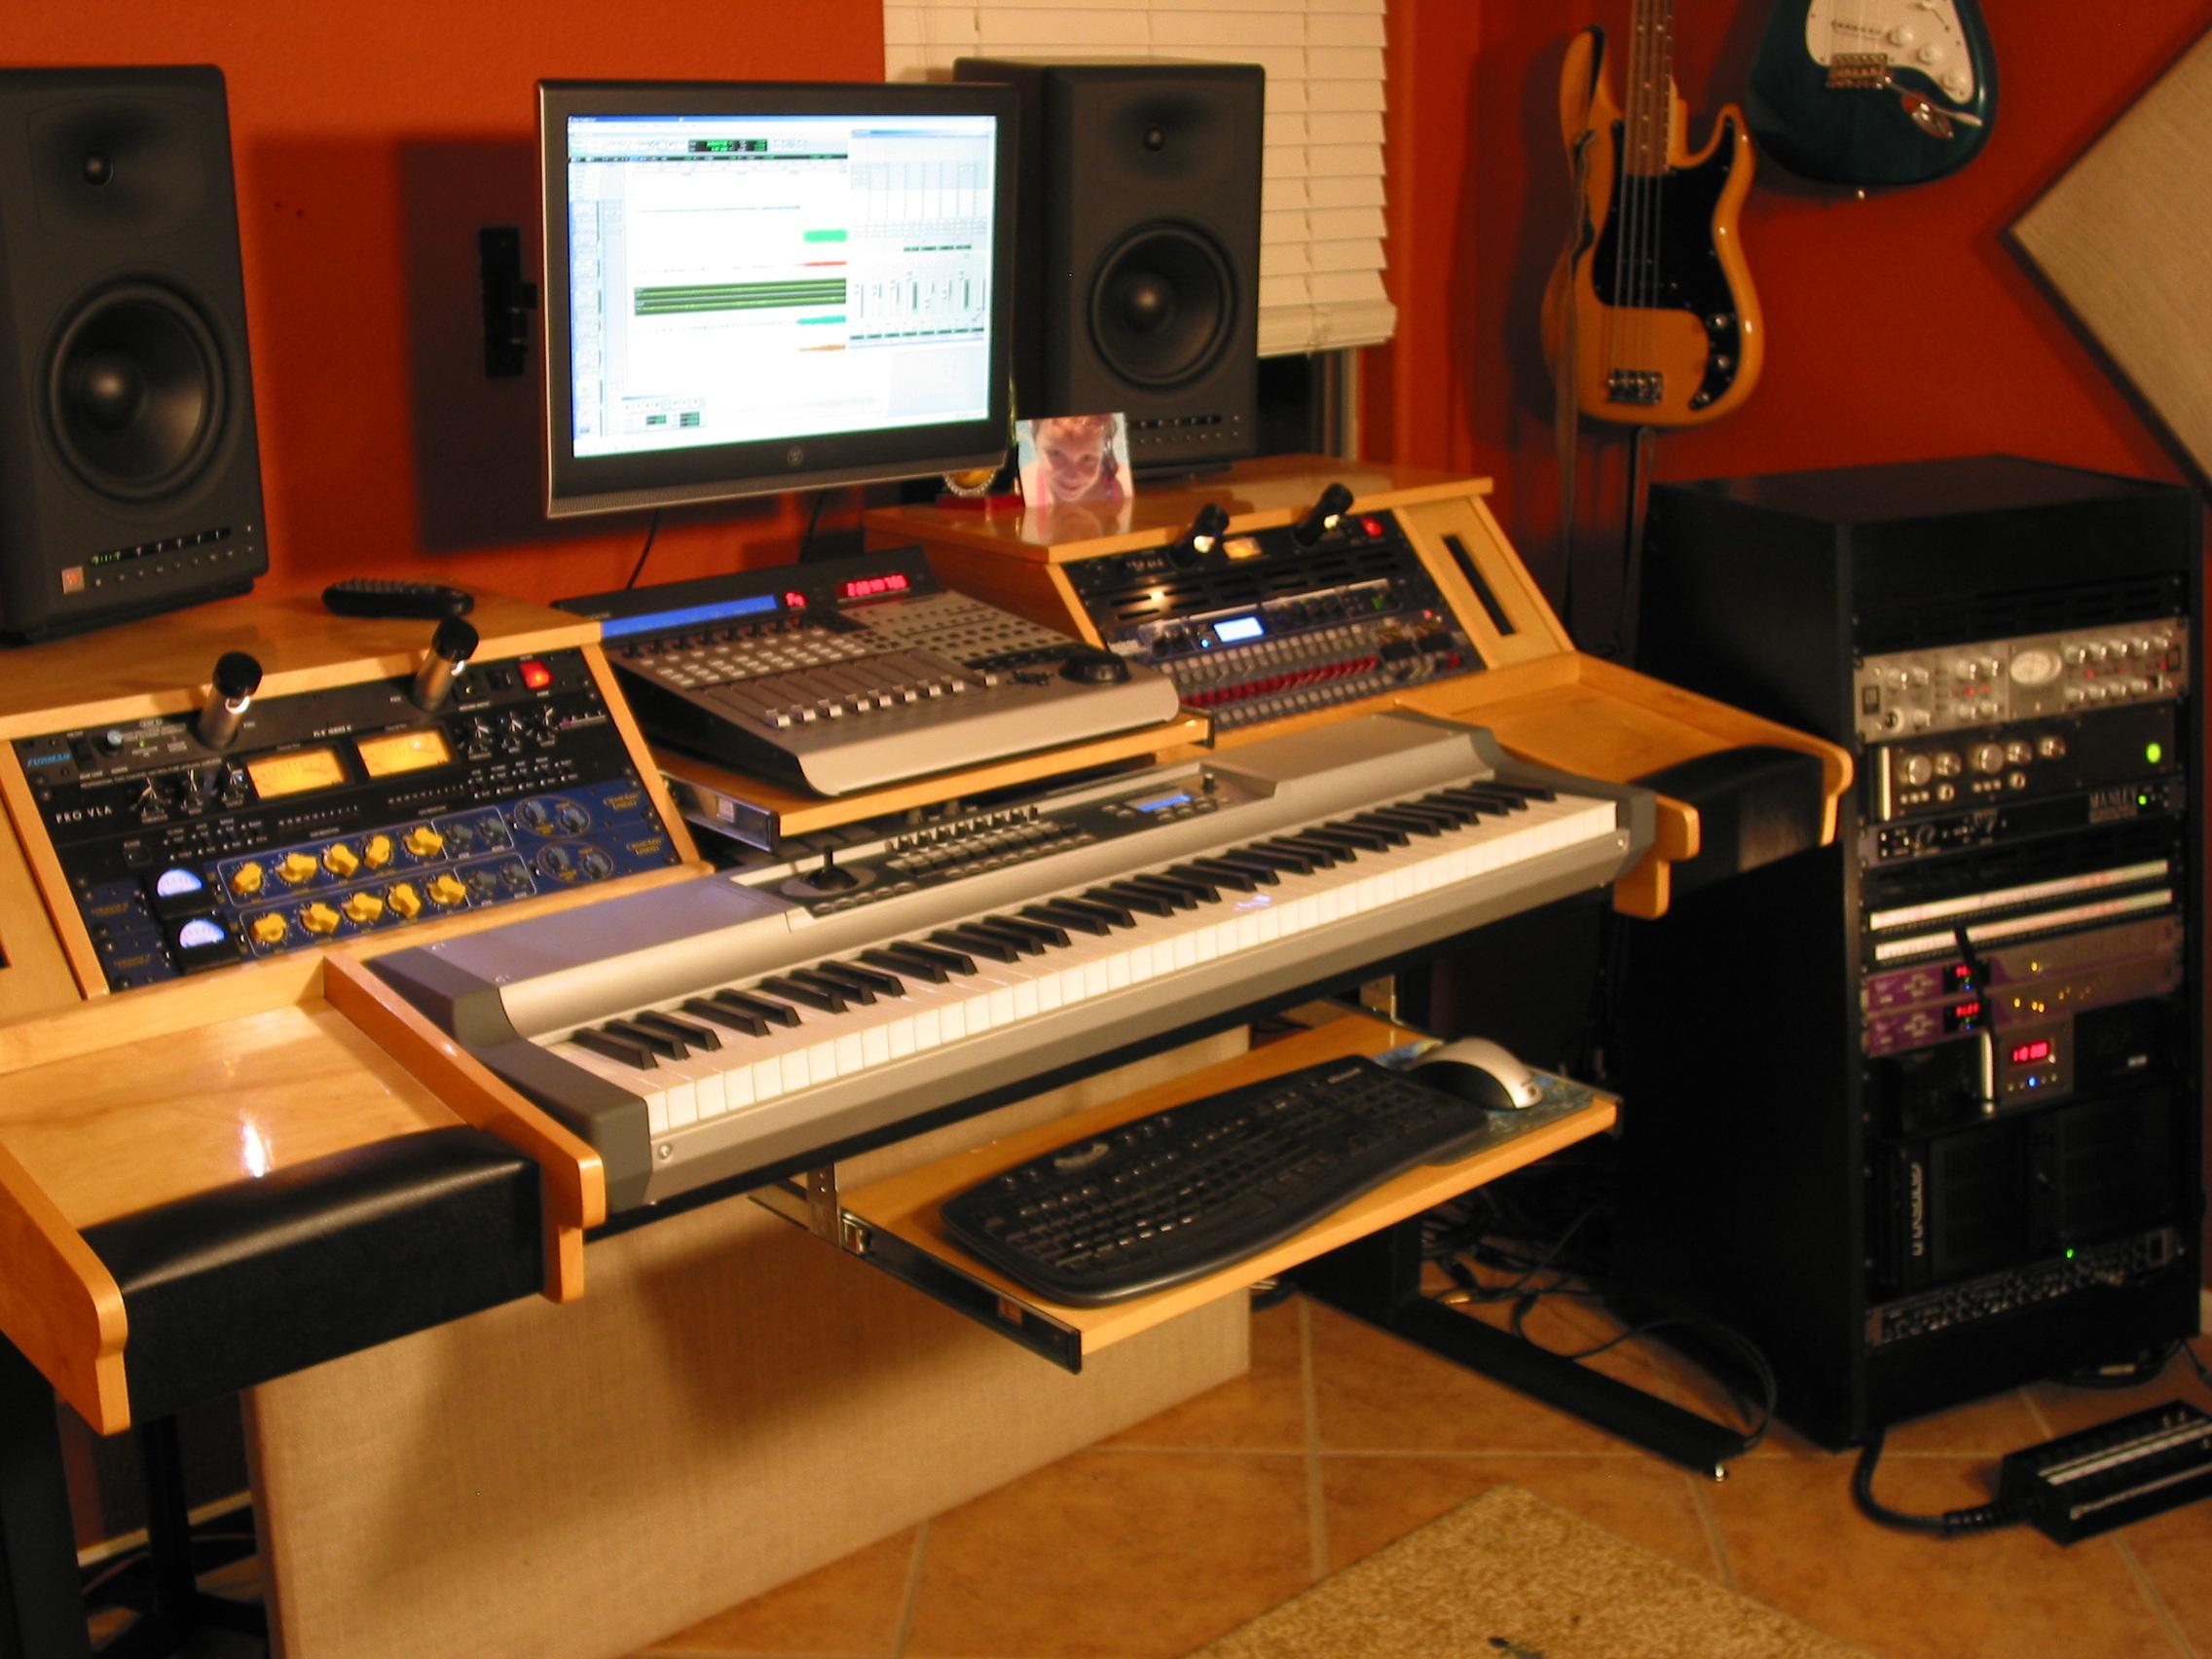 argosy recording studio furniture